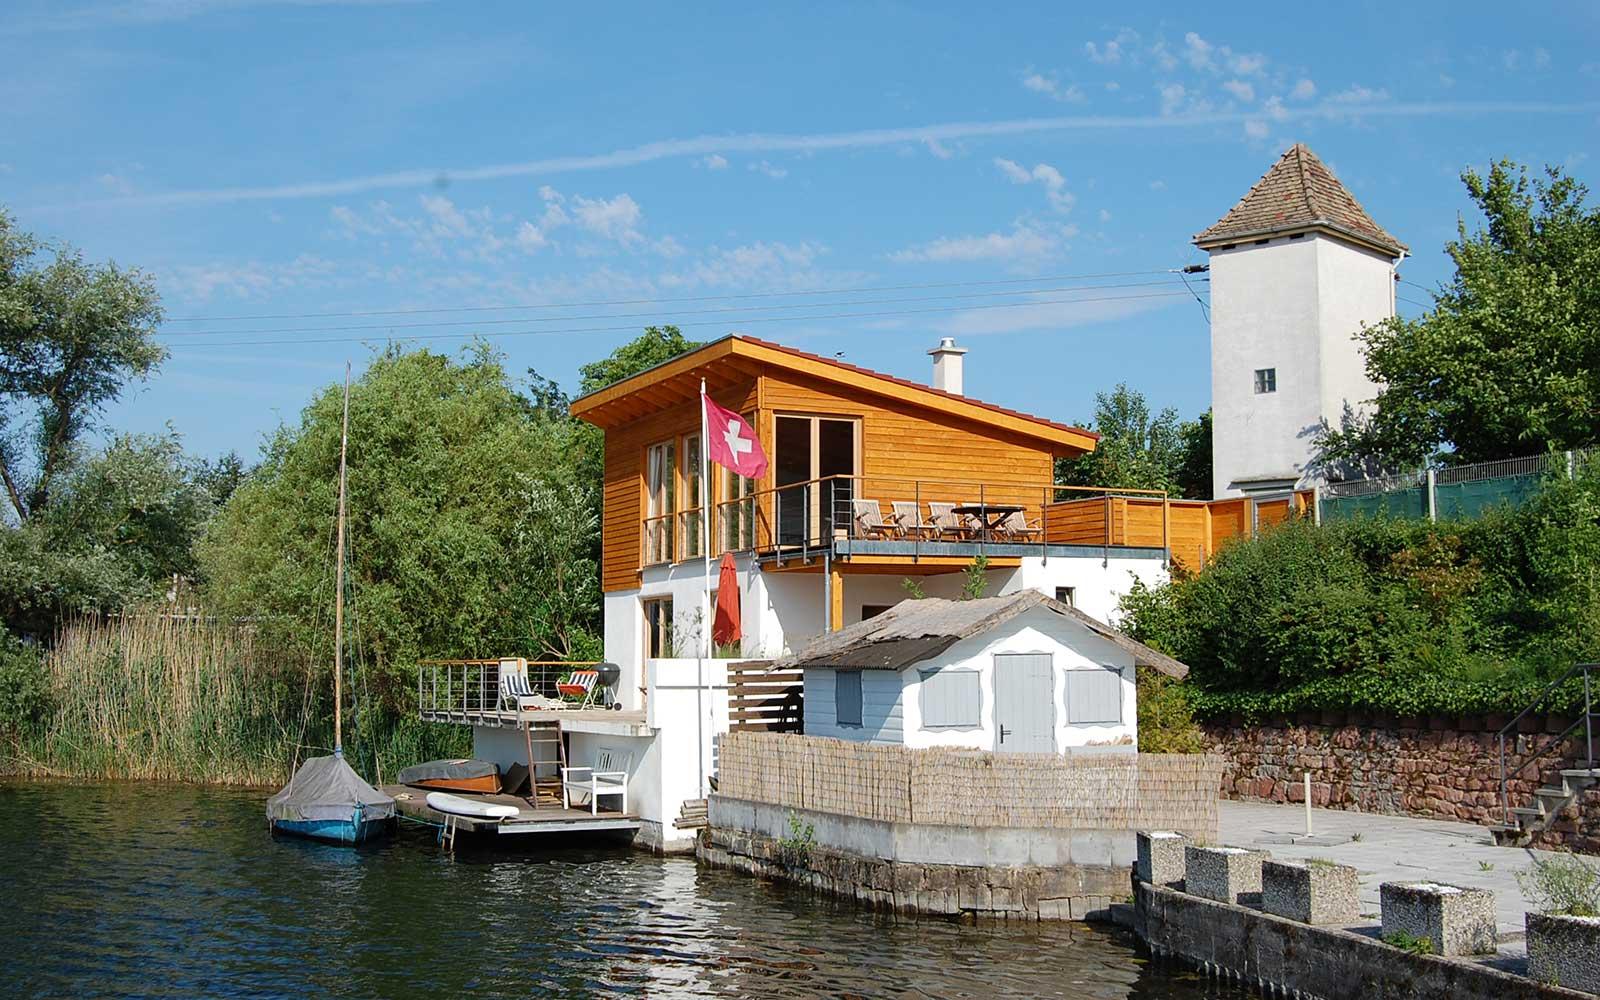 Blaue Adria in Altrip, Kochhan und Weckbach Architekten Heidelberg